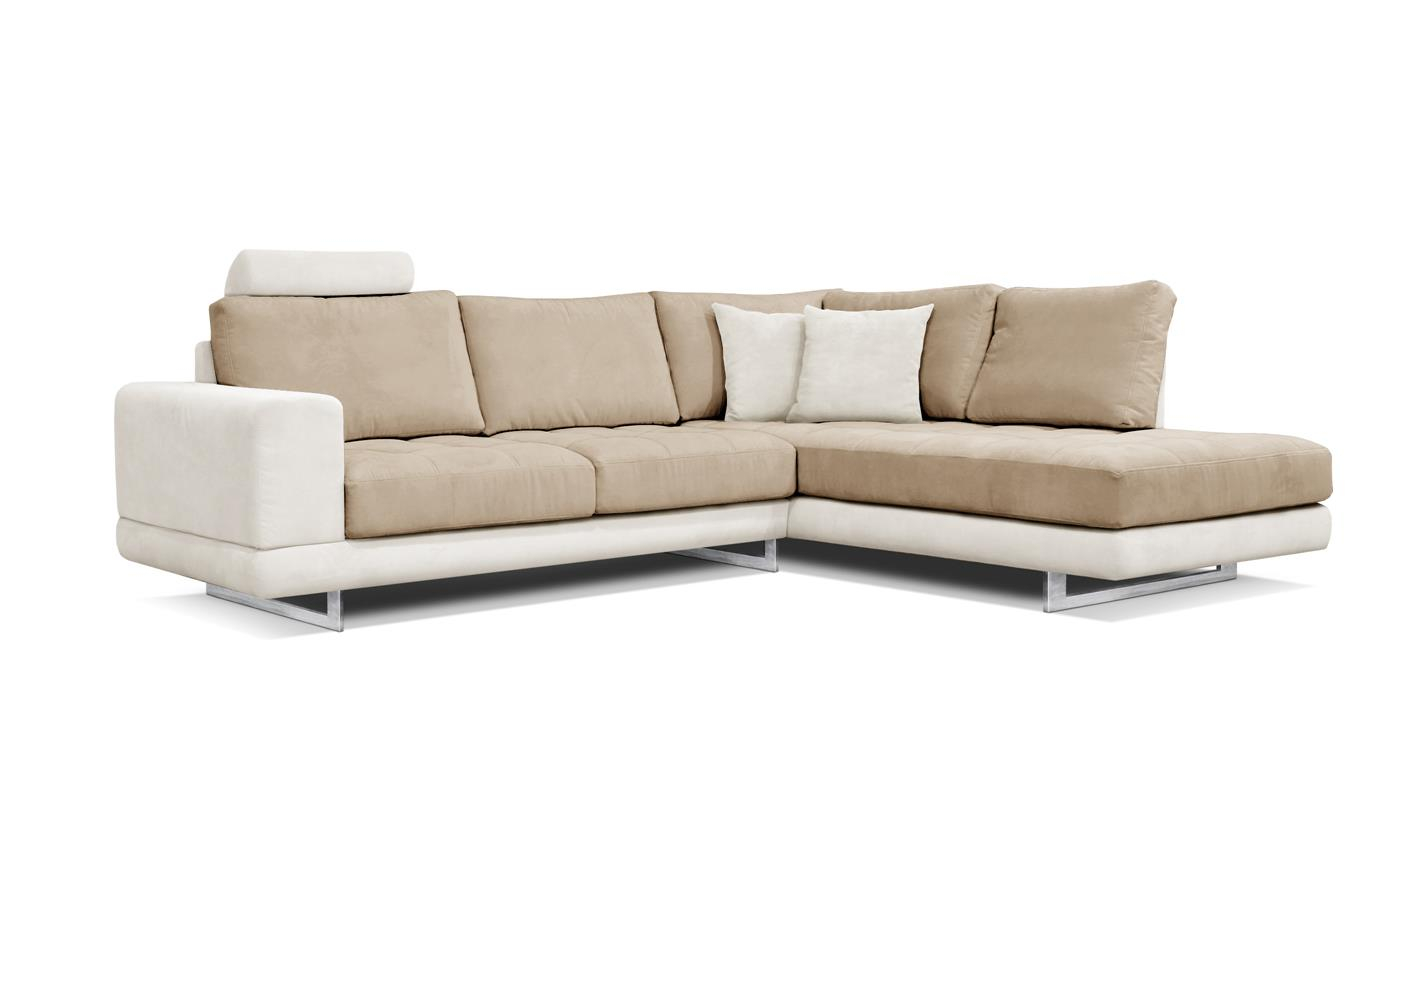 Acheter votre canapé d angle en microfibre beige pieds